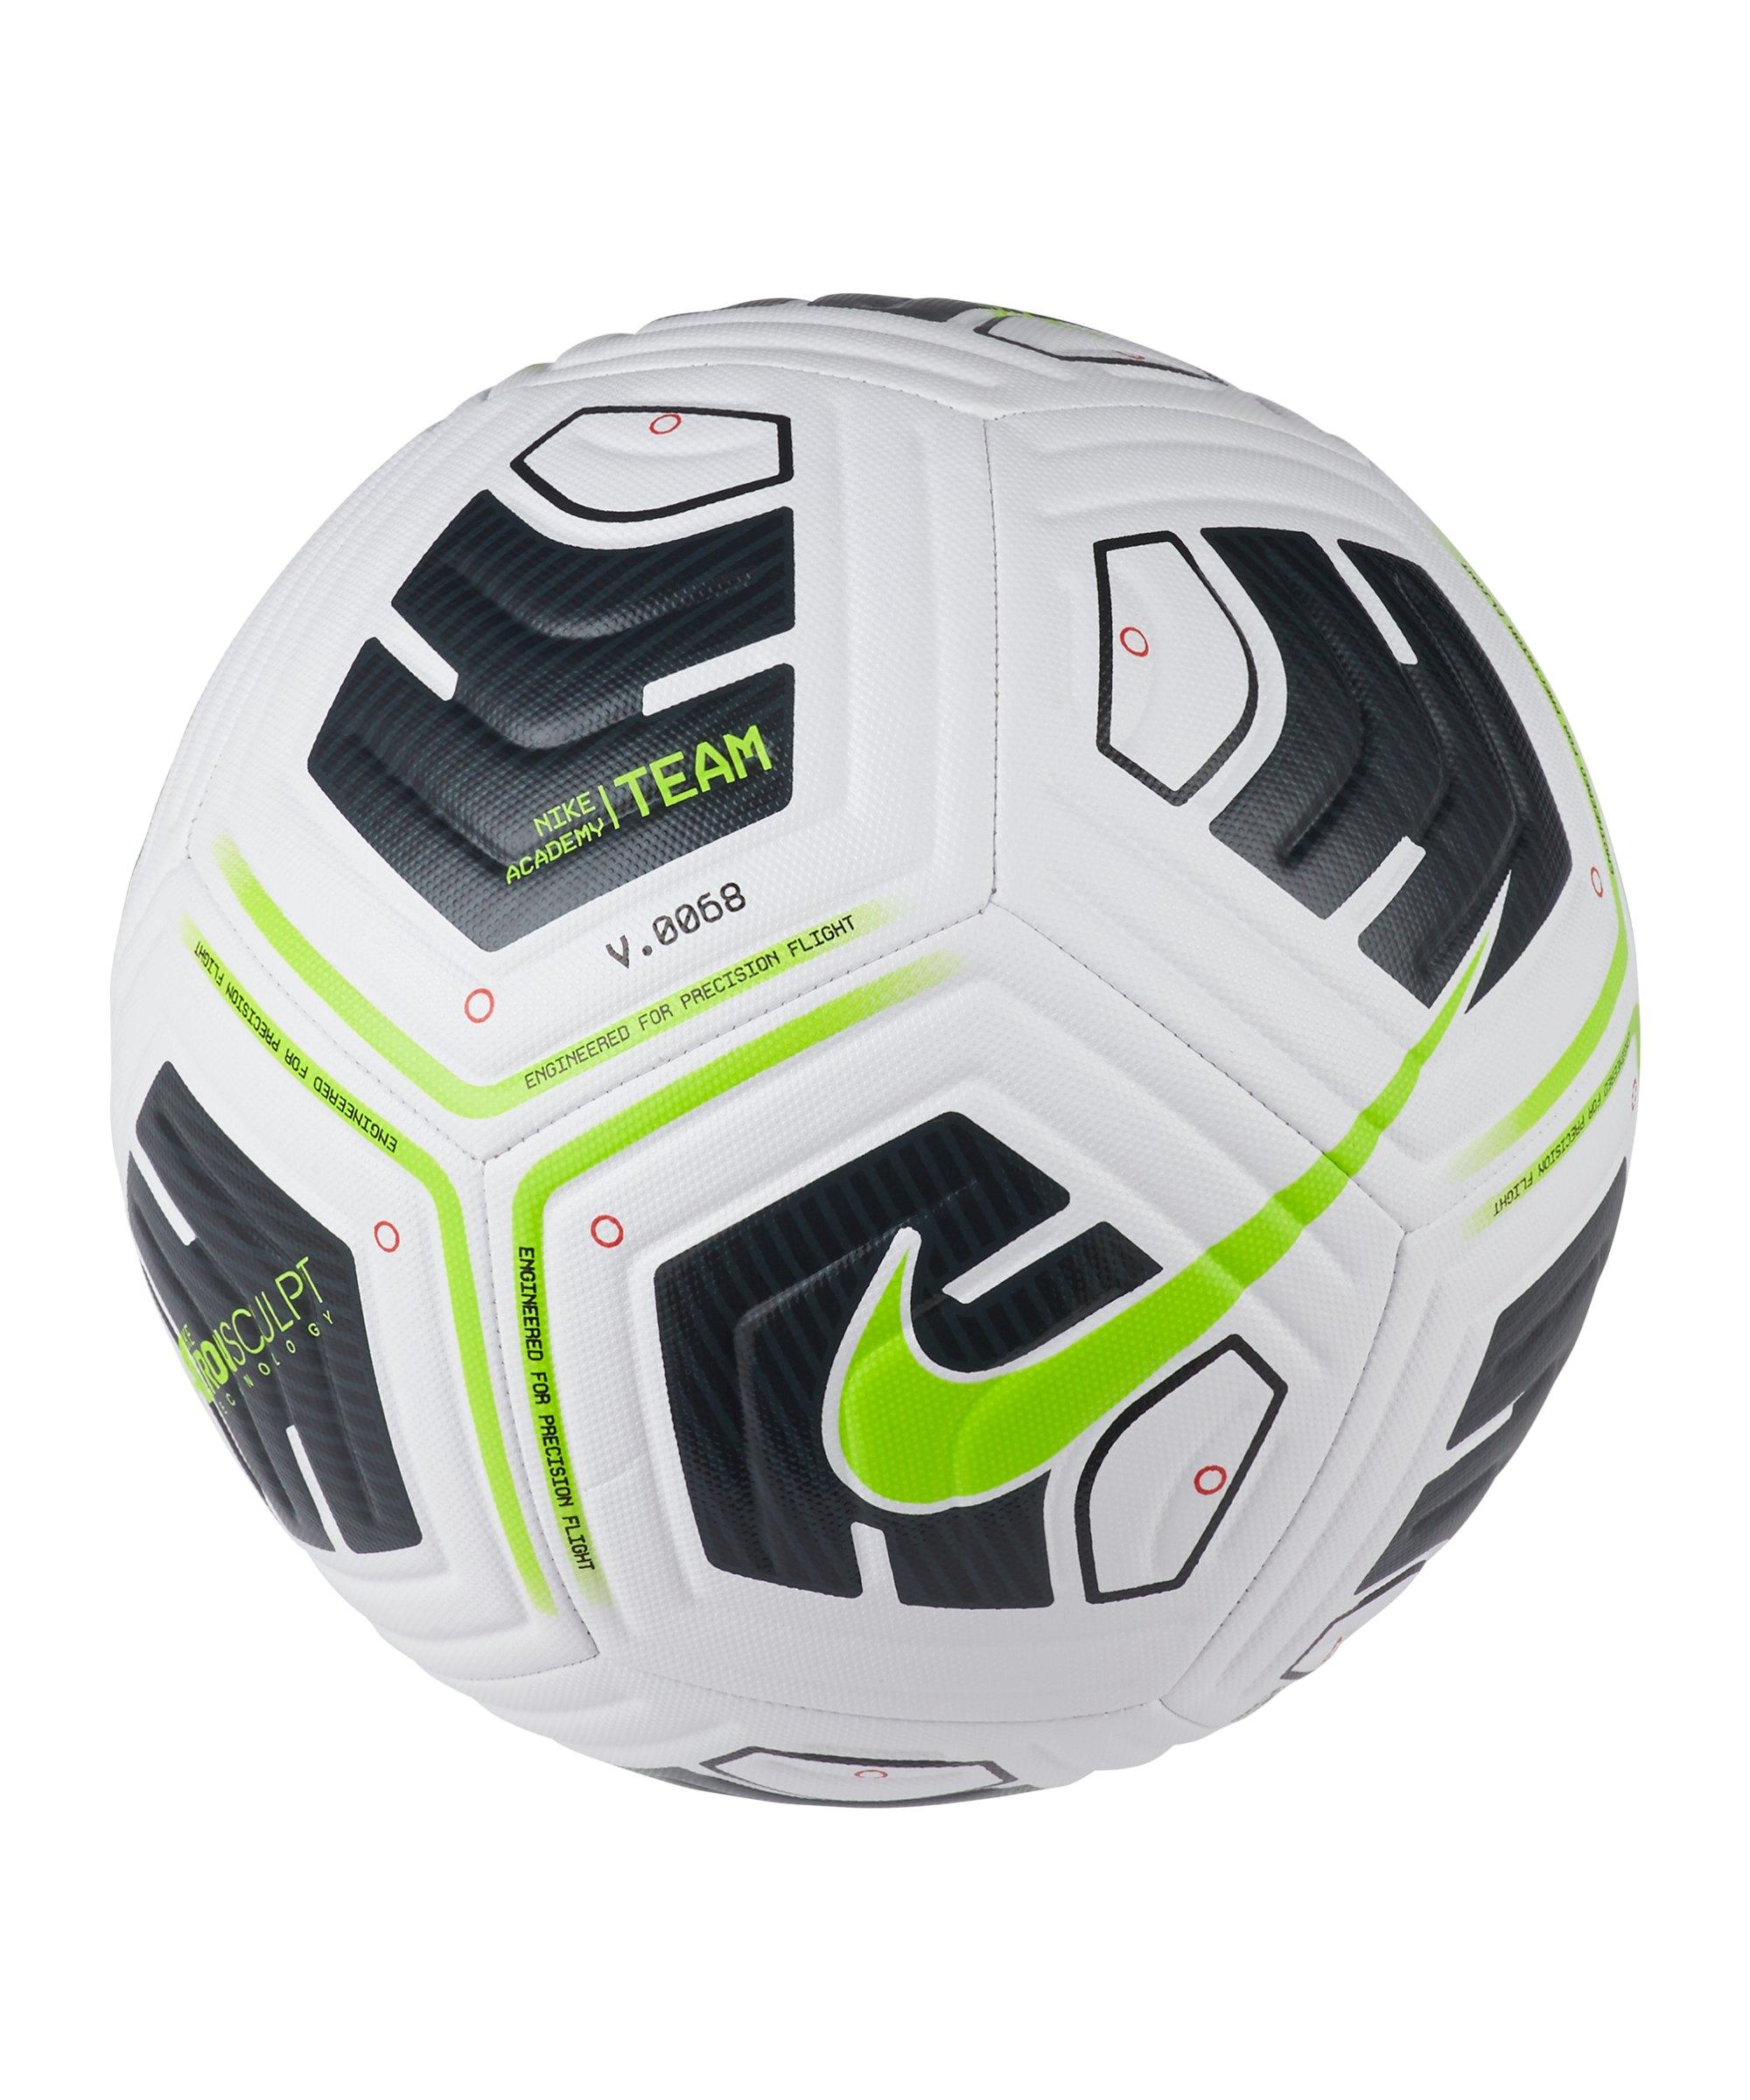 Nike Academy Team Trainingsball Weiss Grün F100 - weiss